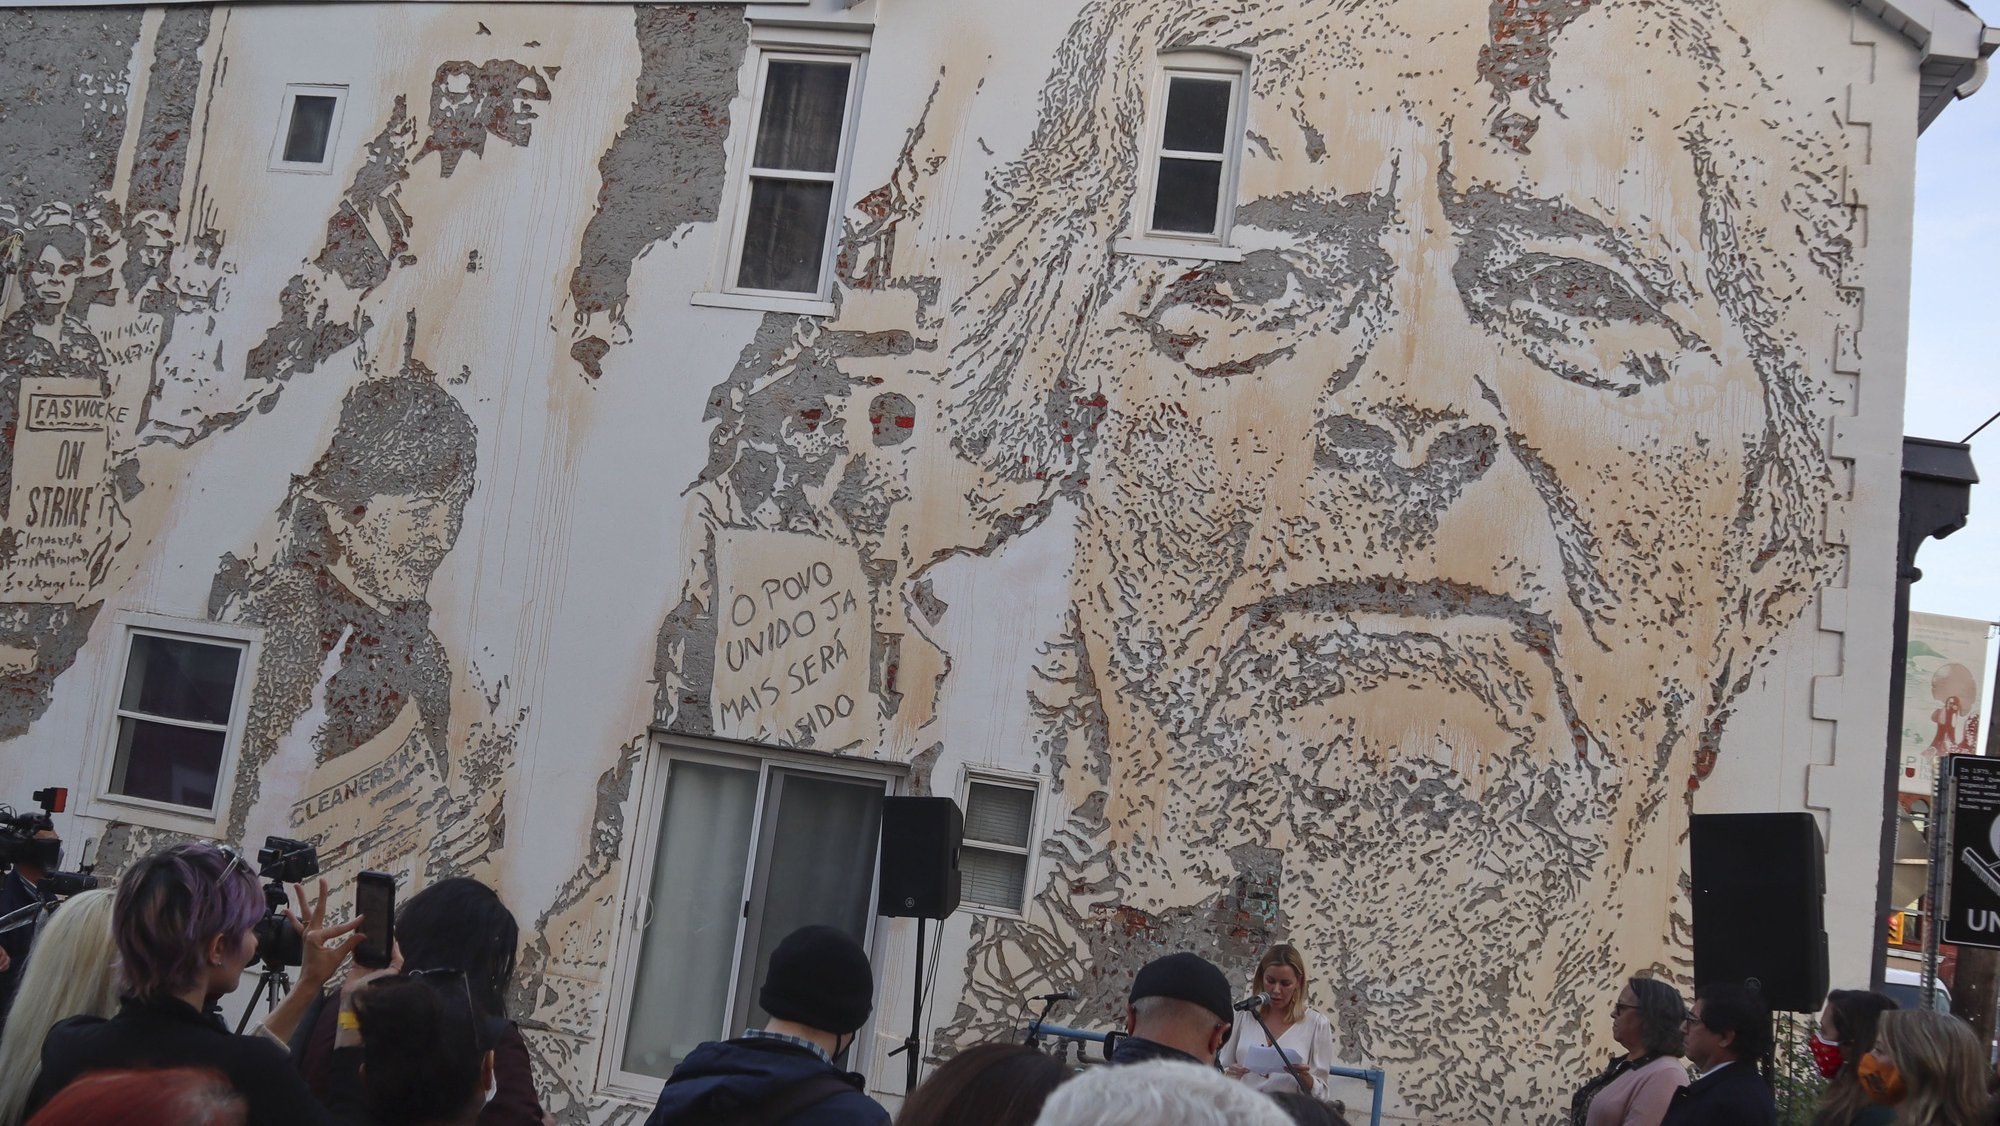 Um mural do artista português Alexandre Farto 'Vhils' foi inaugurado esta terça-feira, no Little Portugal de Toronto, inspirado na história do movimento feminino Cleaners Action, da década de 1970, liderado por trabalhadoras portuguesas, em Toronto, Canadá, 19 de outubro de 2021. (ACOMPANHA TEXTO DA LUSA DO DIA 20 DE OUTUBRO DE 2021). SÉRGIO MOURATO/LUSA